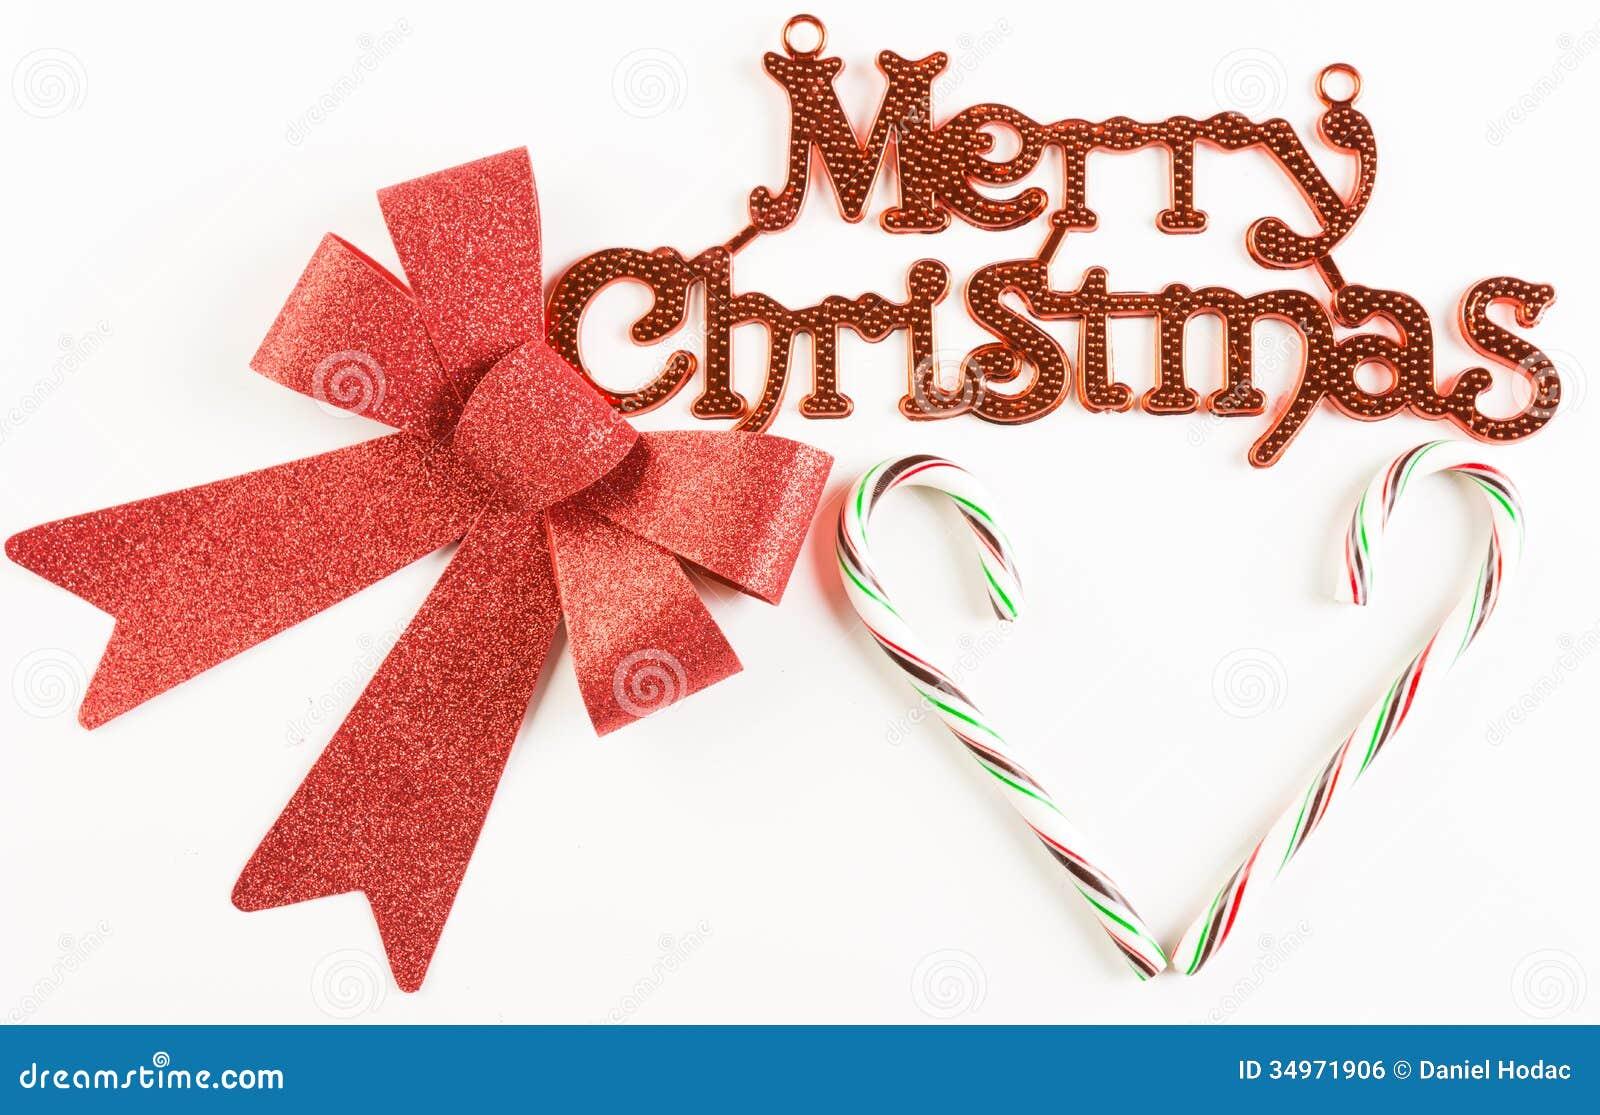 与红色弓的圣诞快乐标志和在白色背景的心形的棒棒糖.图片